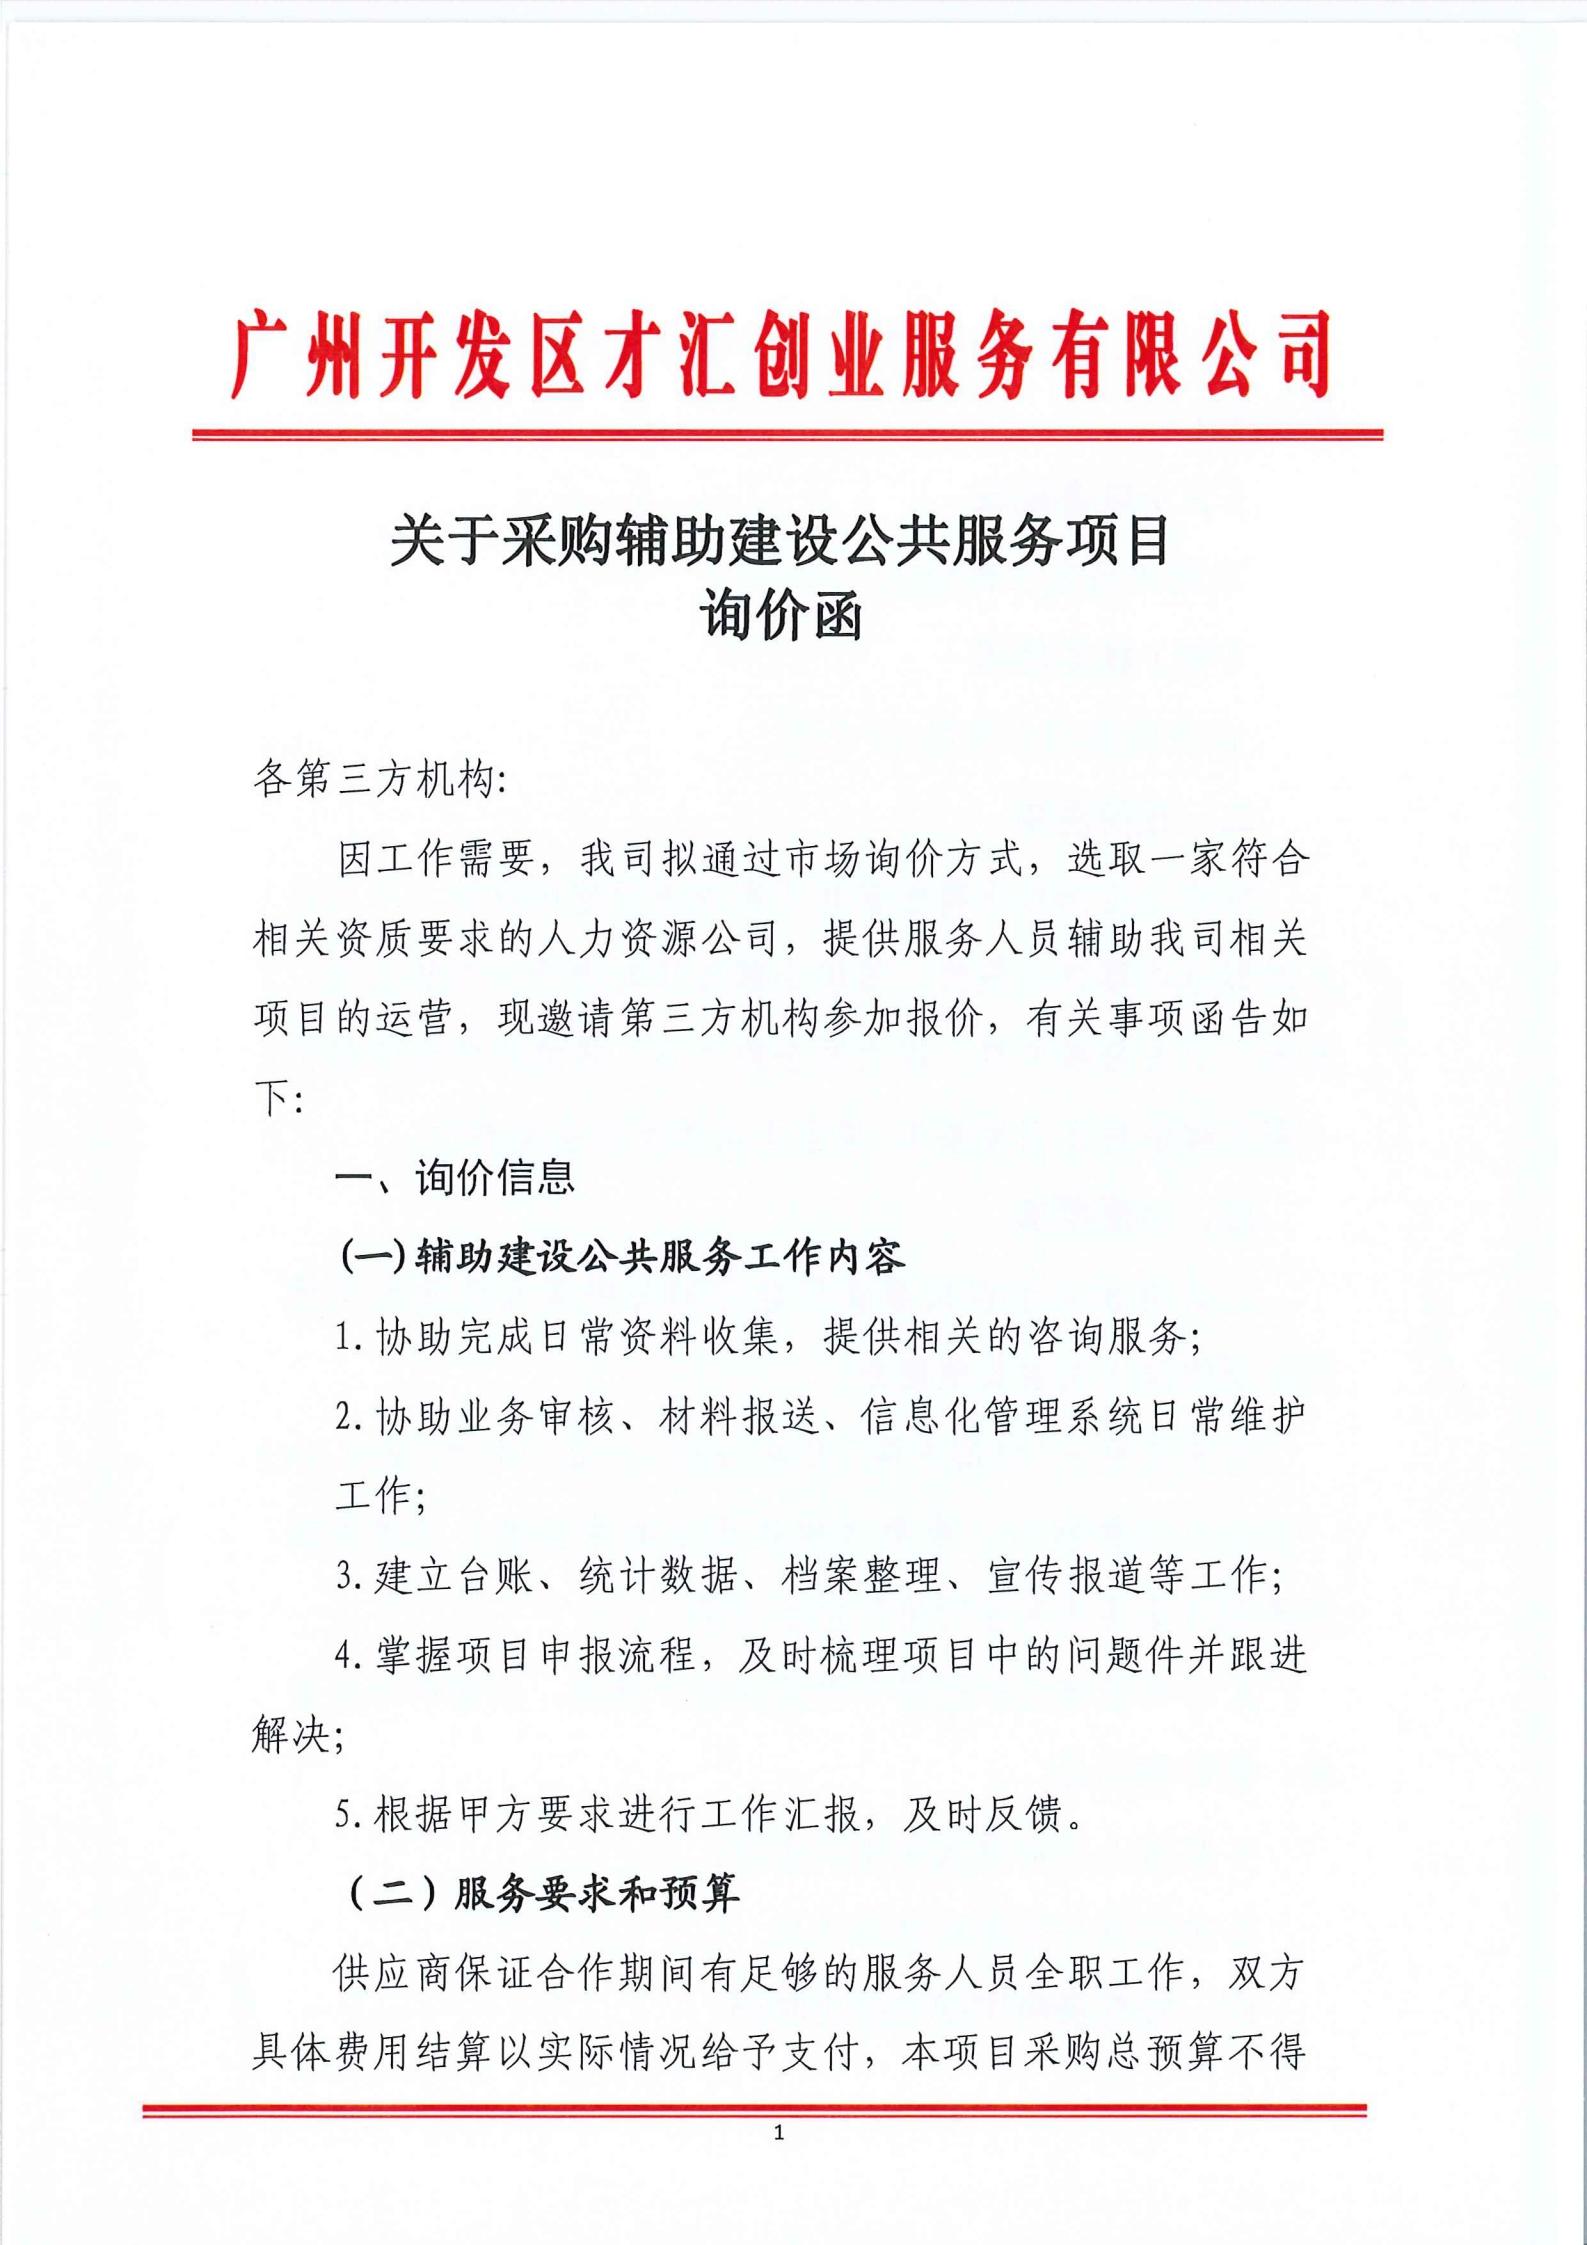 3.关于采购辅助建设公共服务项目询价函_00.png